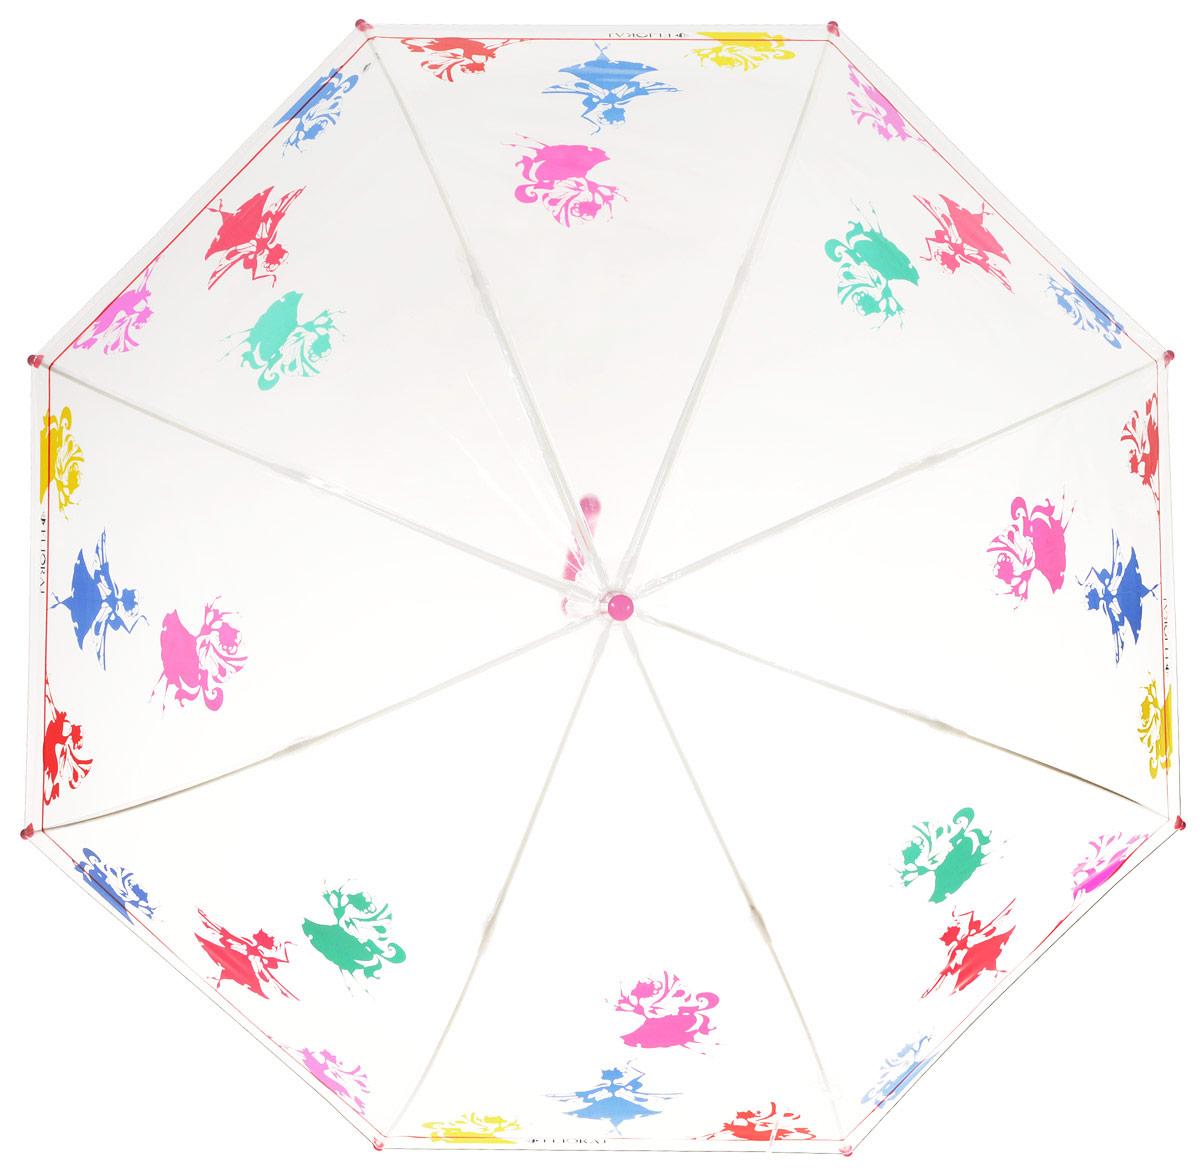 Зонт-трость детский Flioraj, механика, цвет: прозрачный, мультиколор. 0512048L035081M/35449/2900NСтильный белый зонт с яркими красными акцентами на каркасе идеально подойдет под модный наряд принцессы. Маленькие феи будто случайно спустились на зонт и теперь кружатся в радужном танце. Прозрачныйдетский зонтикFlioraj предназначен для детей младшего и среднего школьного возраста. Для удобства предусмотрена безопасная технология открывания и закрывания зонта. Спицы зонта изготовлены из долговечного, но при этом легкого фибергласса, что делает его ветроустойчивым и прочным. Купол зонта выполнен из высокотехнологичного инновационного материала нового поколения ПОЭ, который не имеет посторонних запахов и не требует дополнительных обработок тальком. Зонт прозрачный, а значит, ребенок сможет контролировать обстановку вокруг себя и избегать возникновения опасных ситуаций.